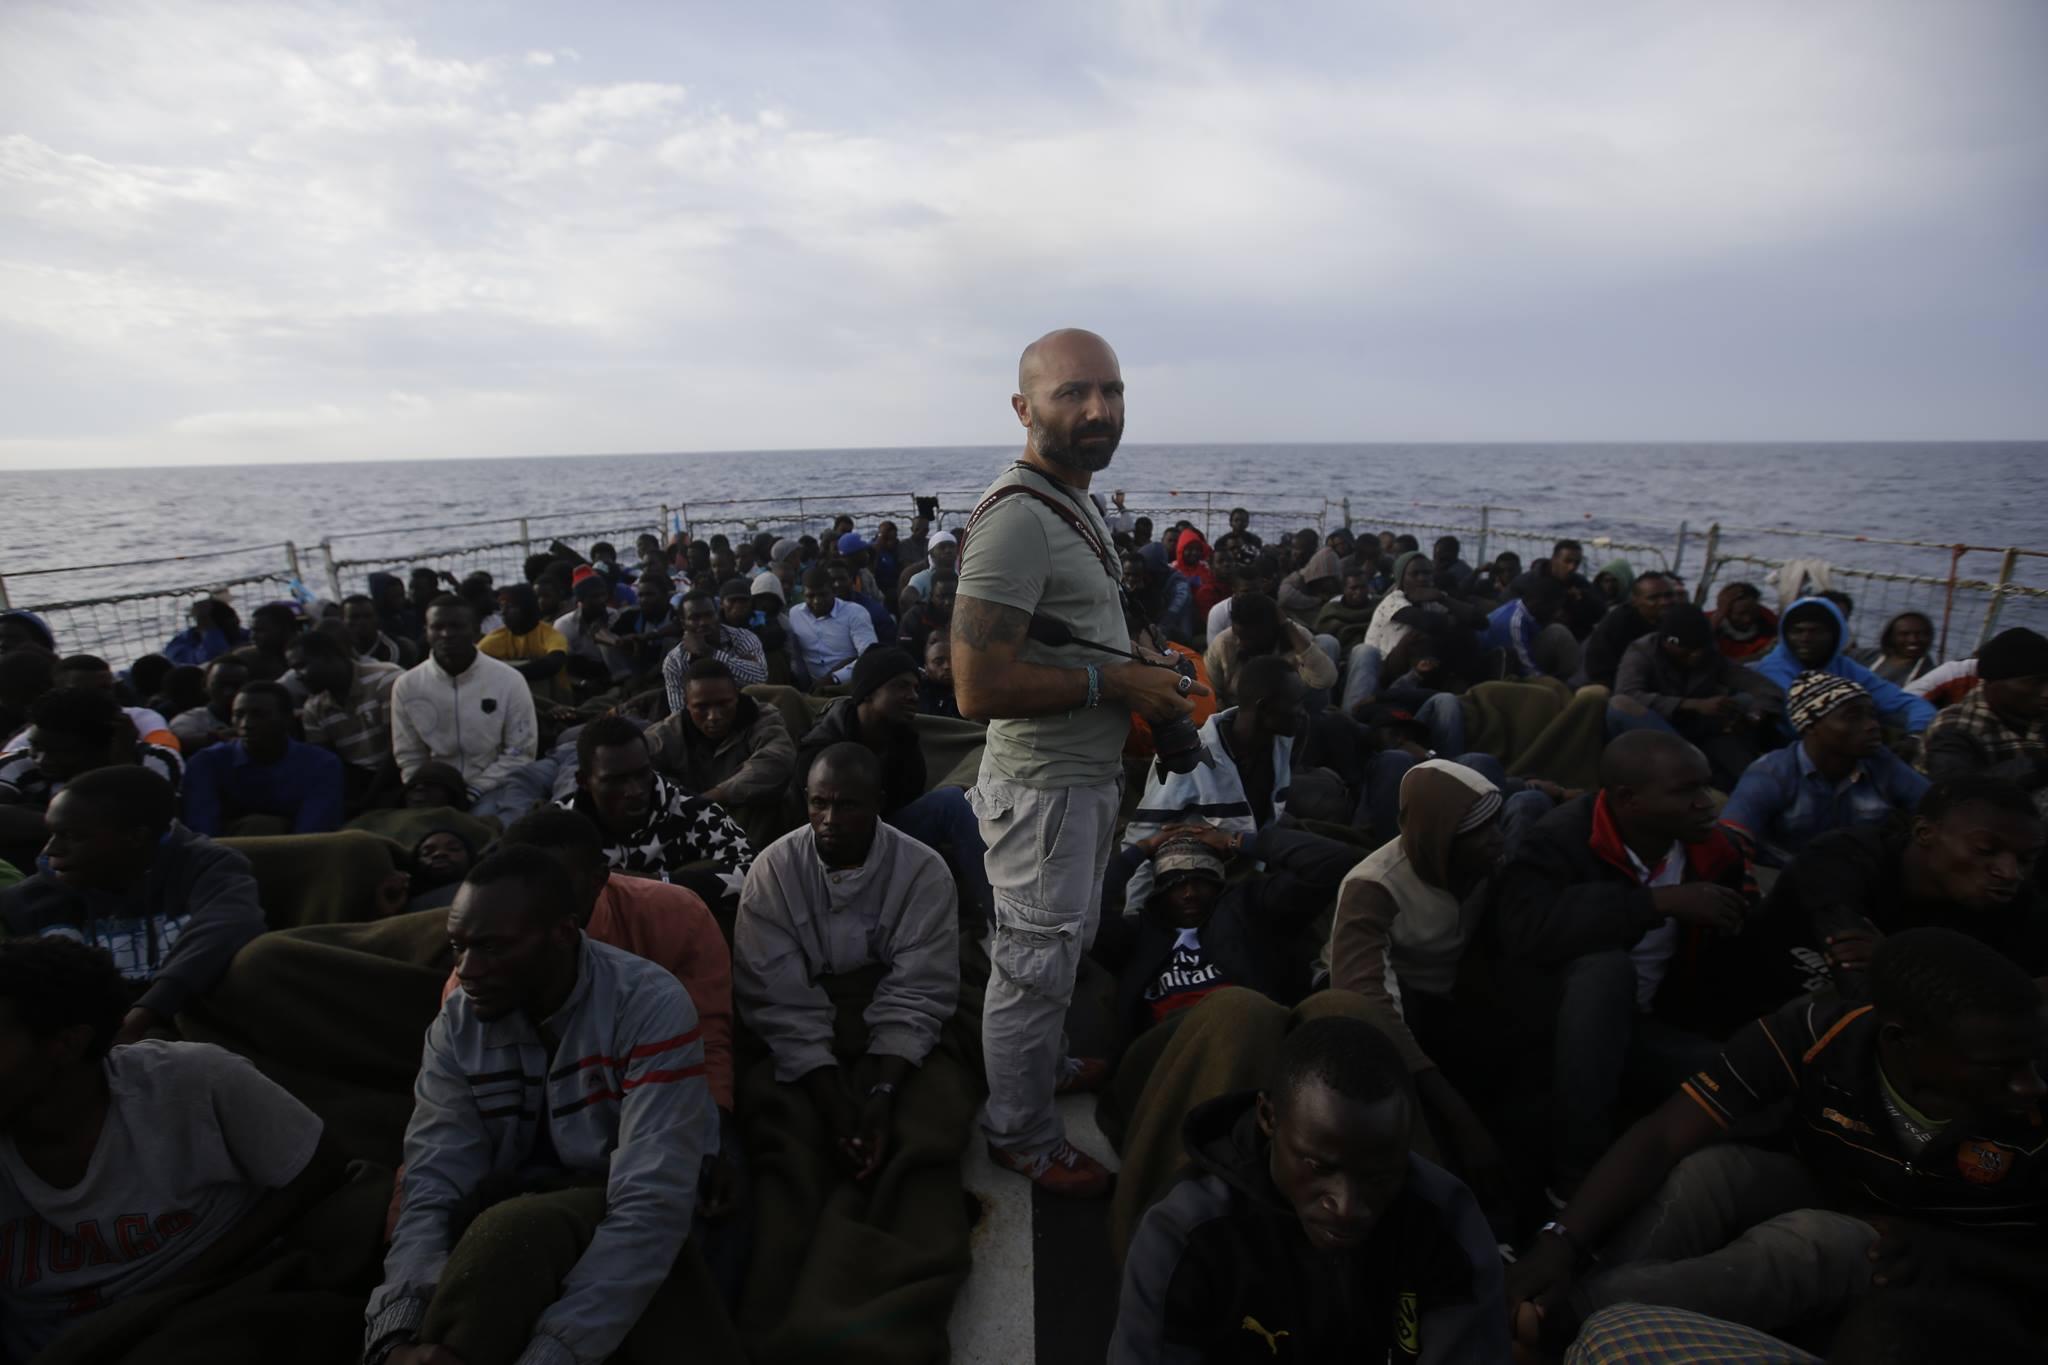 Il viaggio dei rifugiati negli scatti di Malavolta: